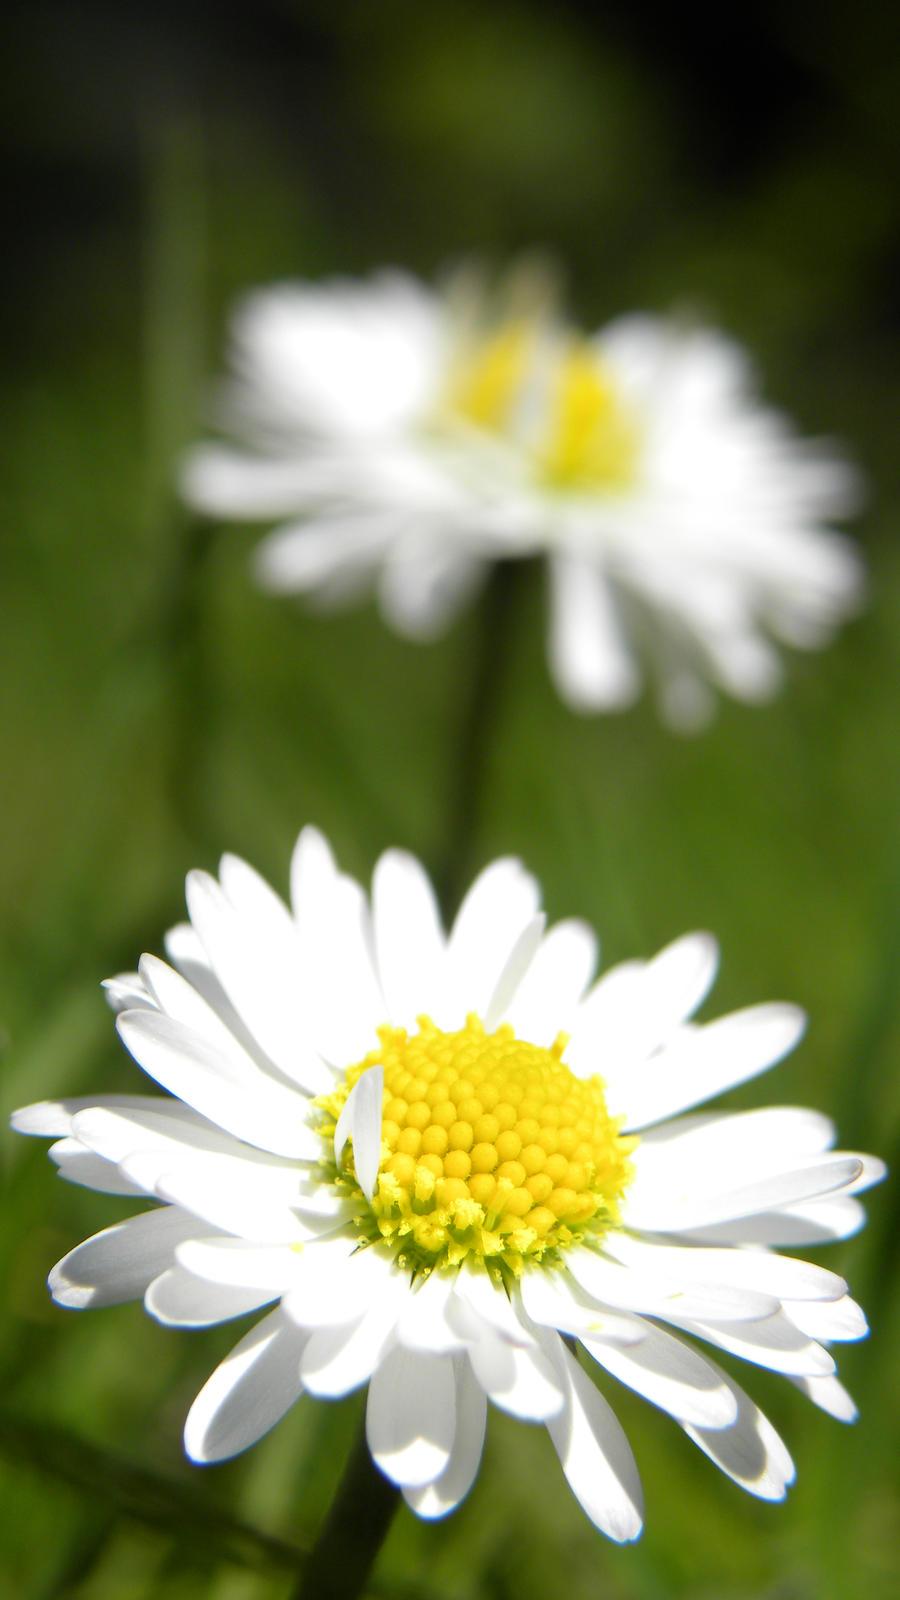 Daisys by Darkdragon15